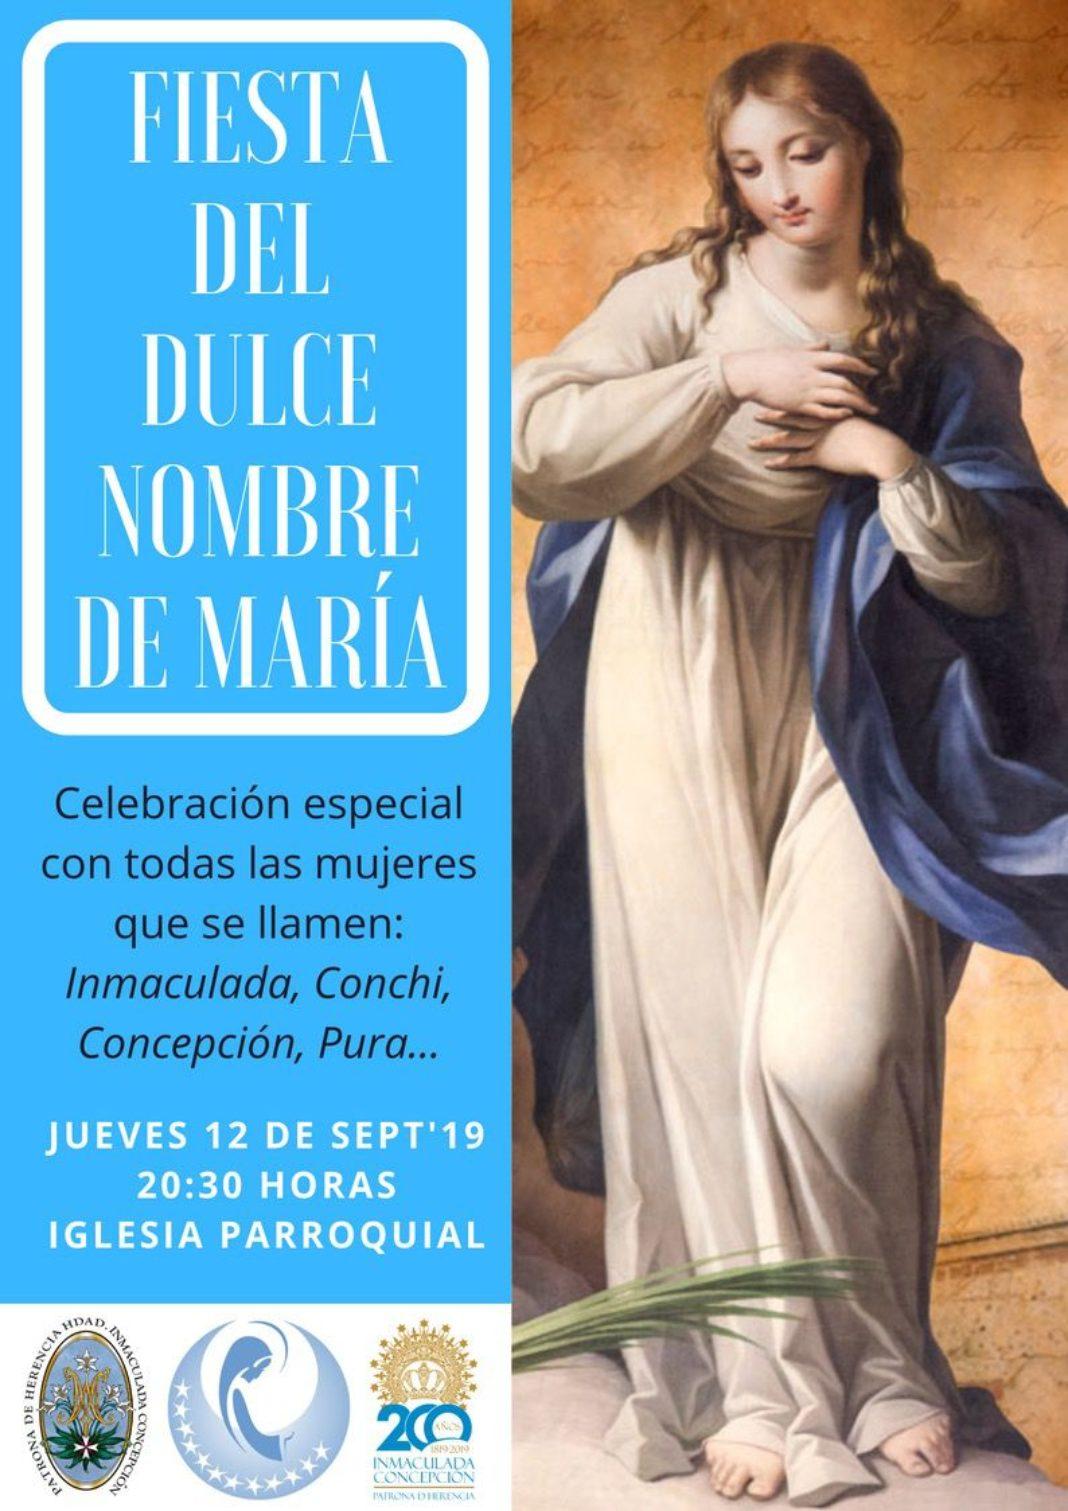 Dulce Nombre de María 1068x1511 - Todas las Inmaculadas, Concepciones y Puras convocadas a celebrar juntas el Dulce Nombre de María